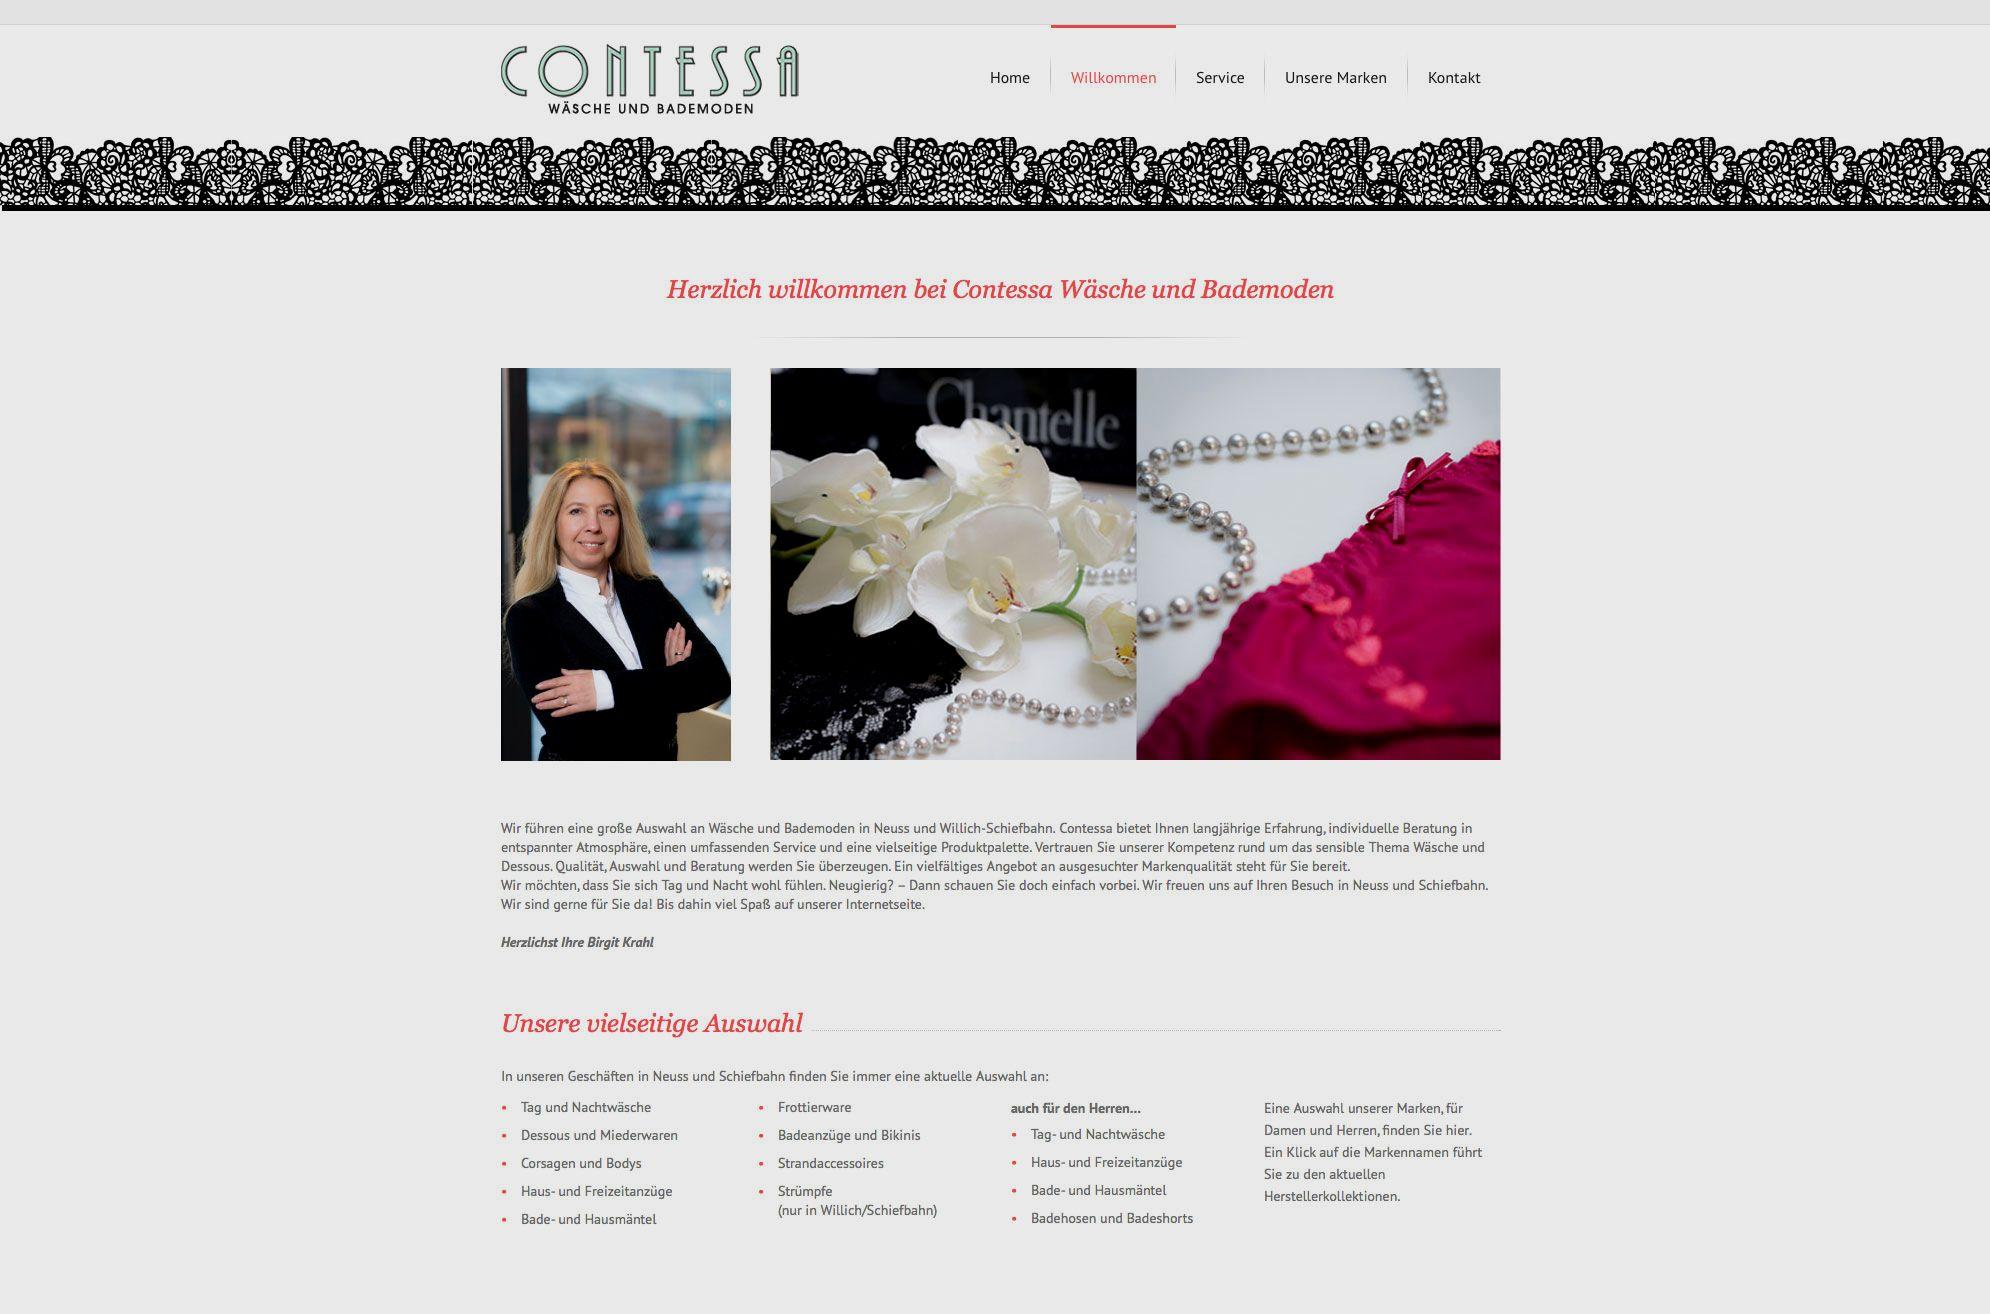 Contessa Wäsche und Bademoden